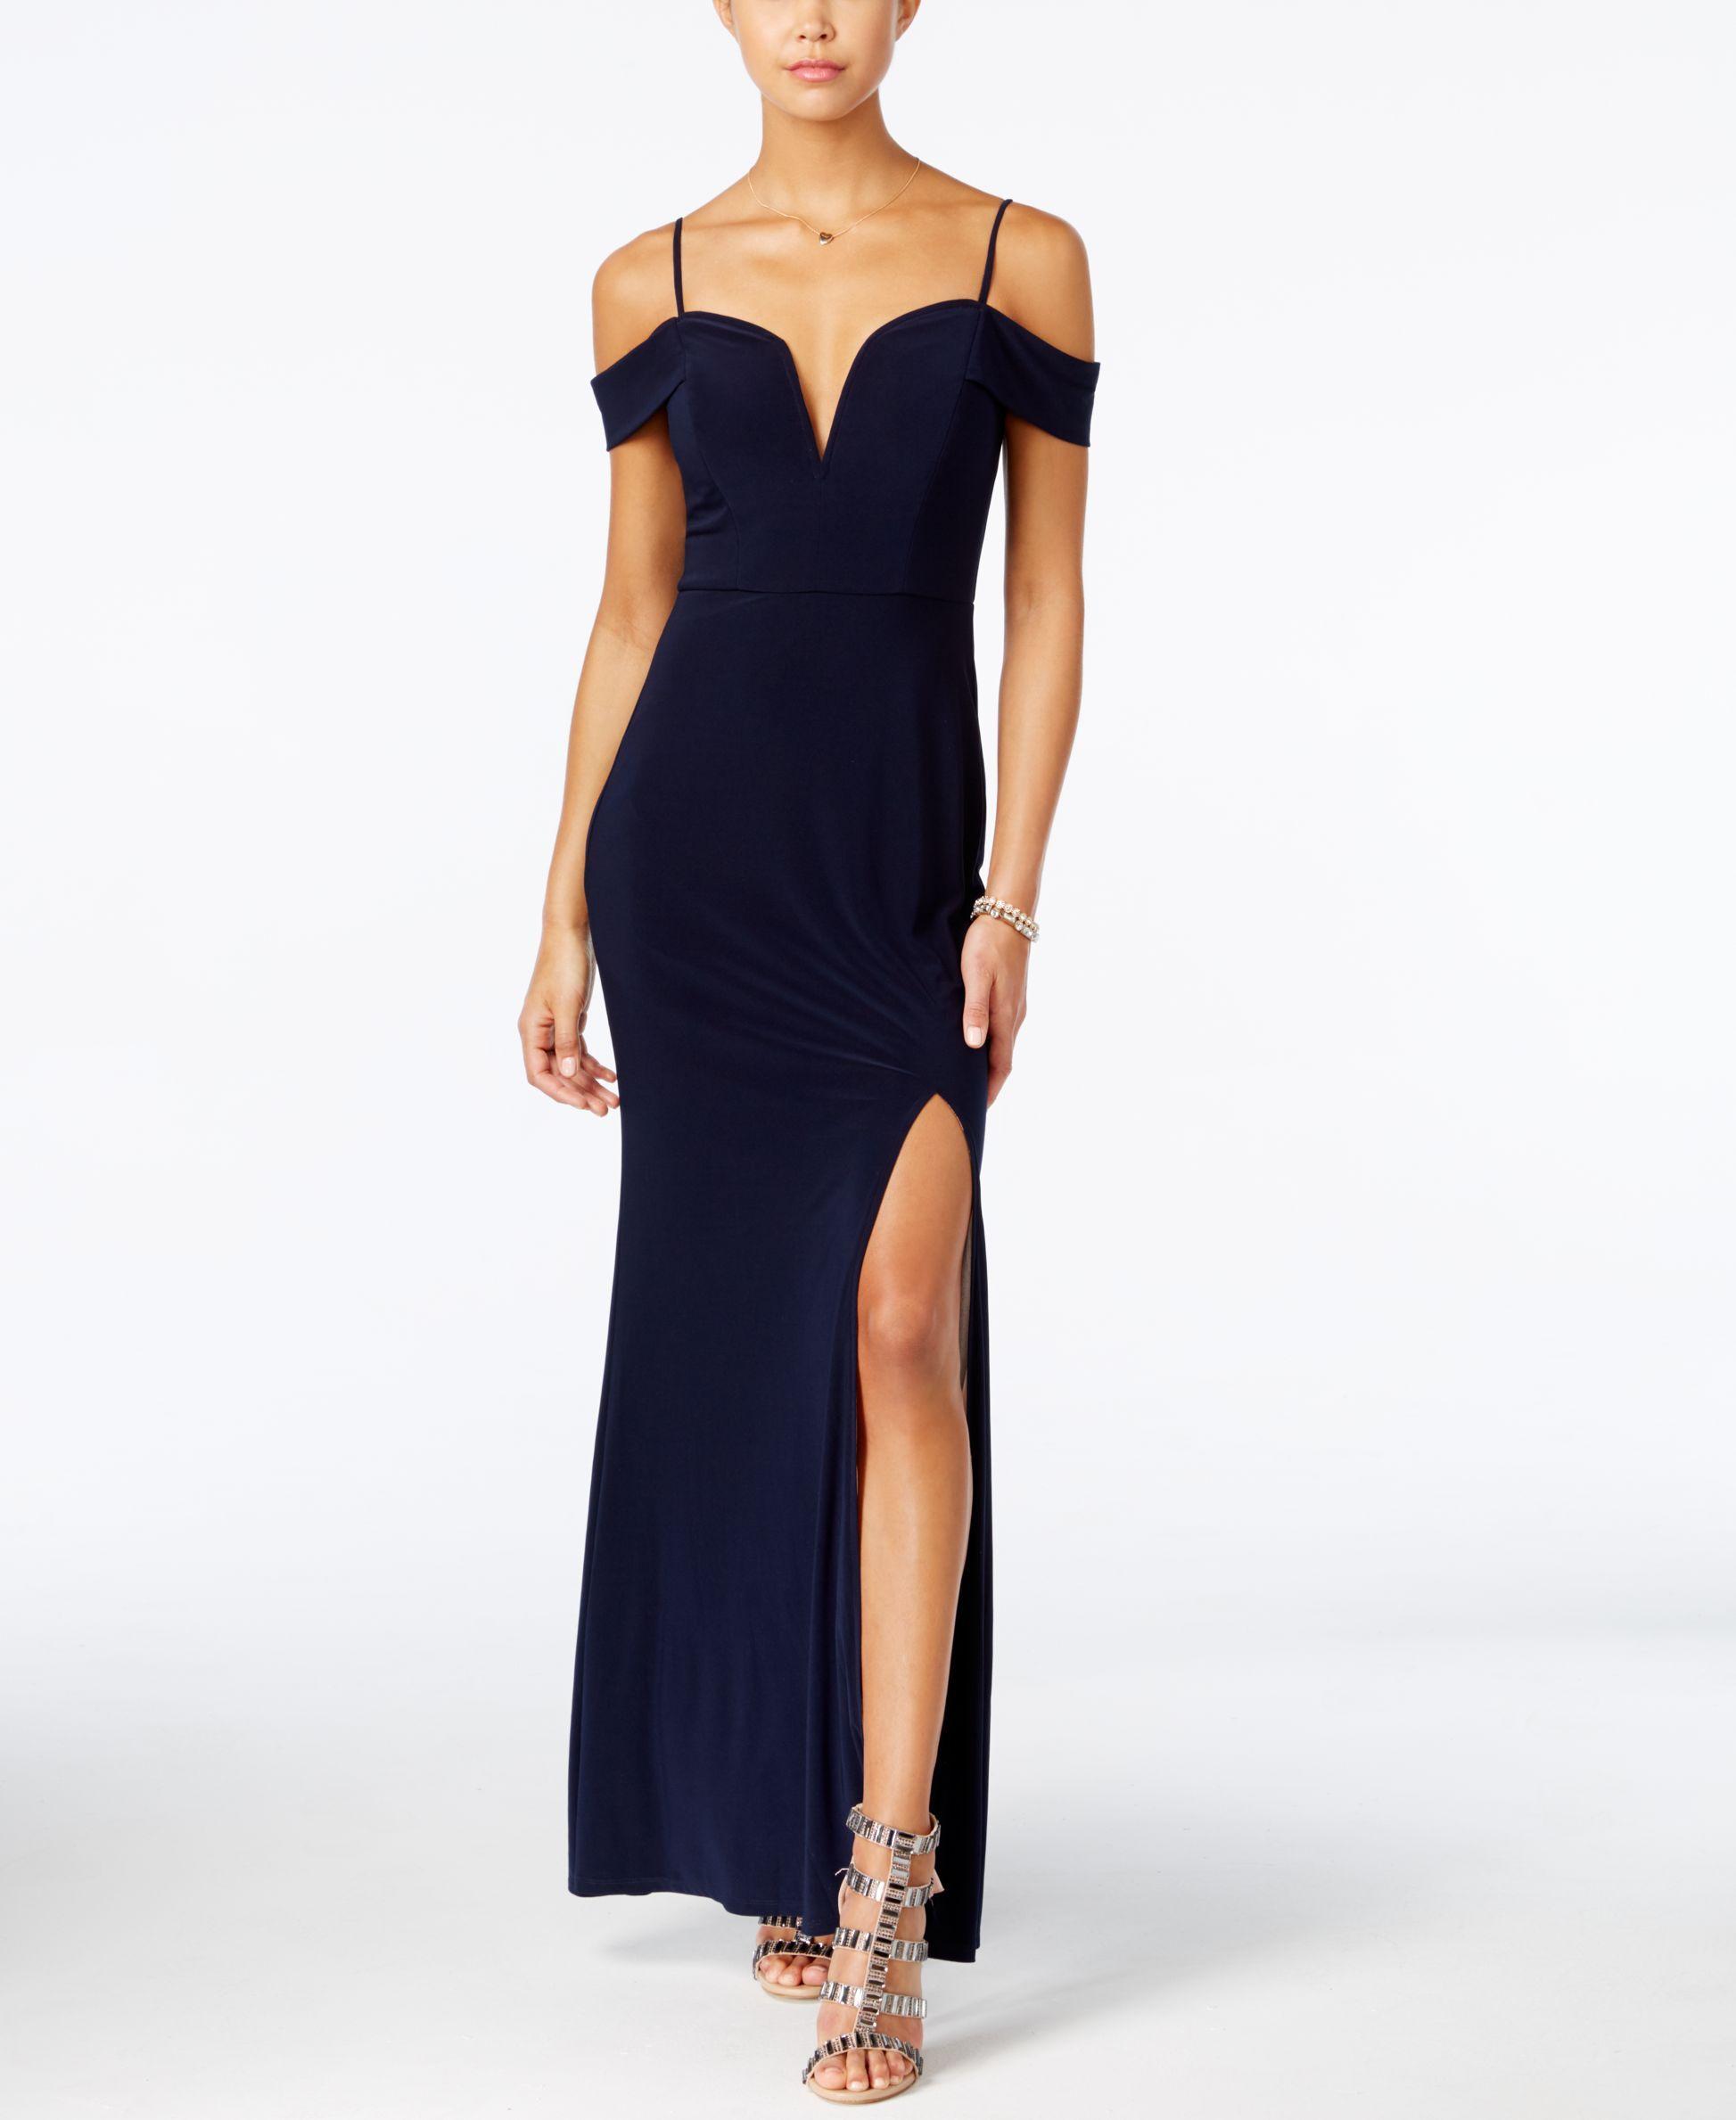 986c0a76cd26 City Studios Juniors  Off-The-Shoulder Maxi Dress